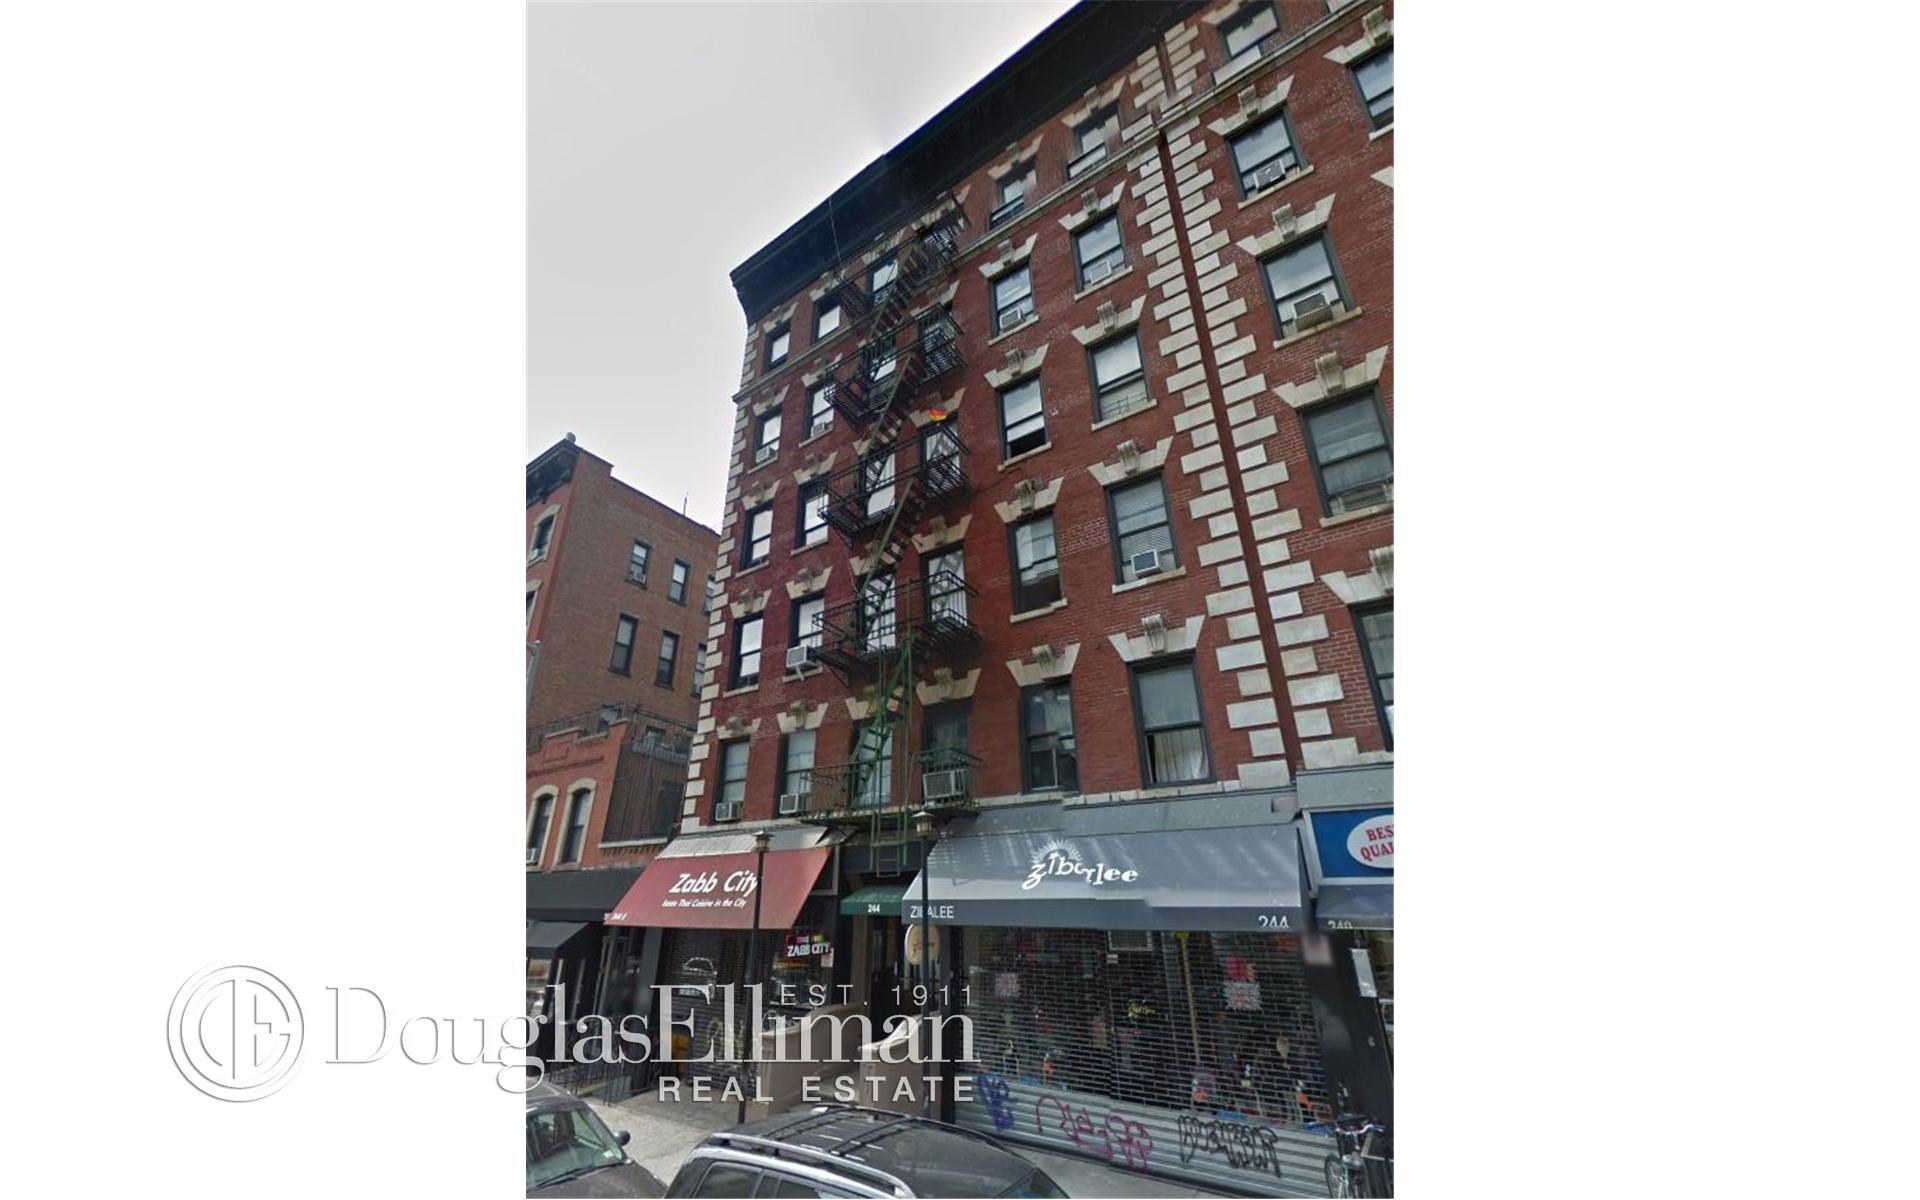 244 e 13 st new york ny 10003 apartable for 100 church street 8th floor new york ny 10007